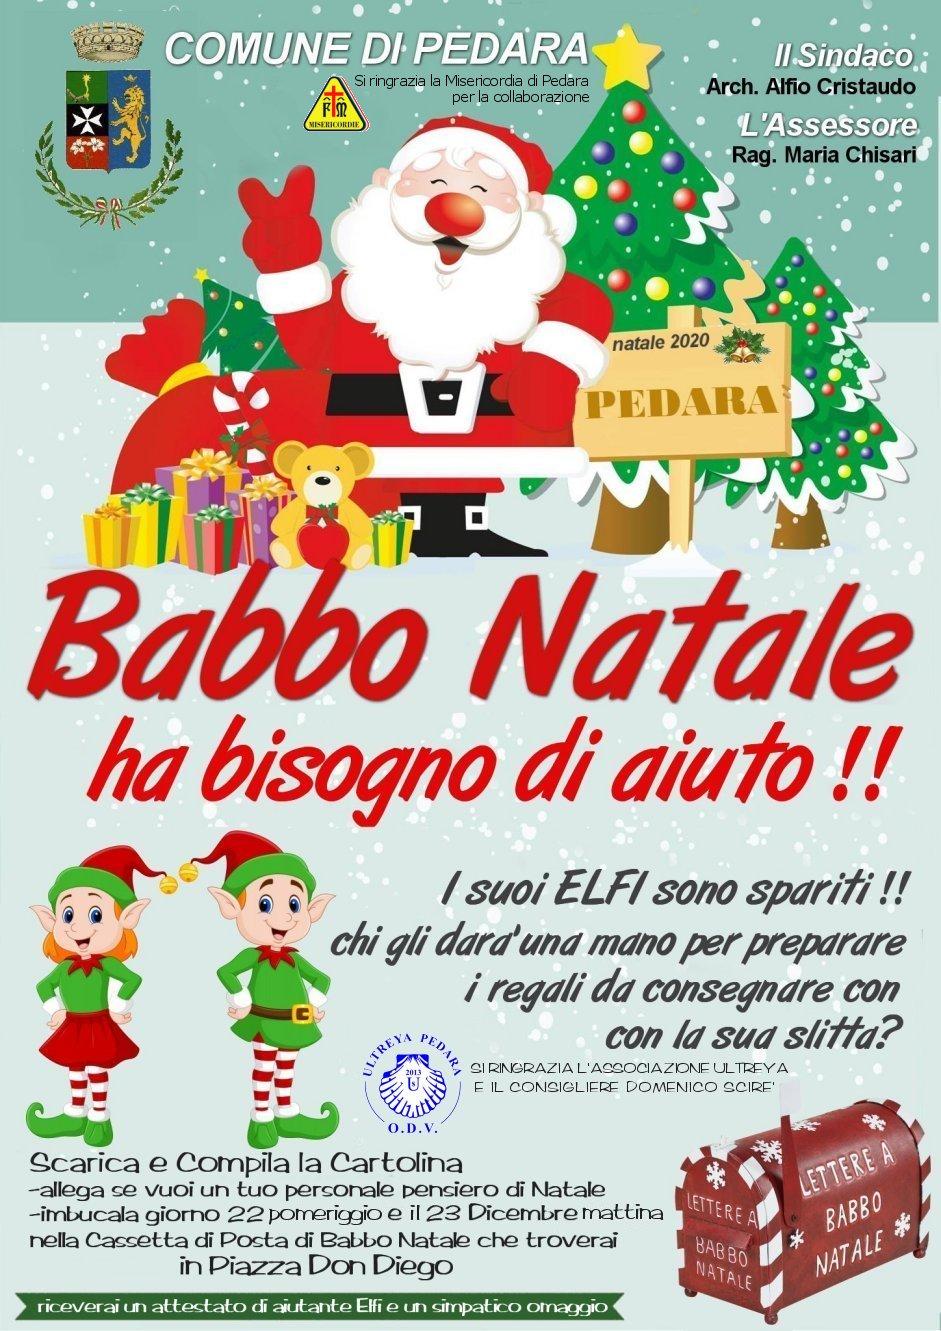 Sito Ufficiale Di Babbo Natale.Comune Di Pedara Sito Ufficiale